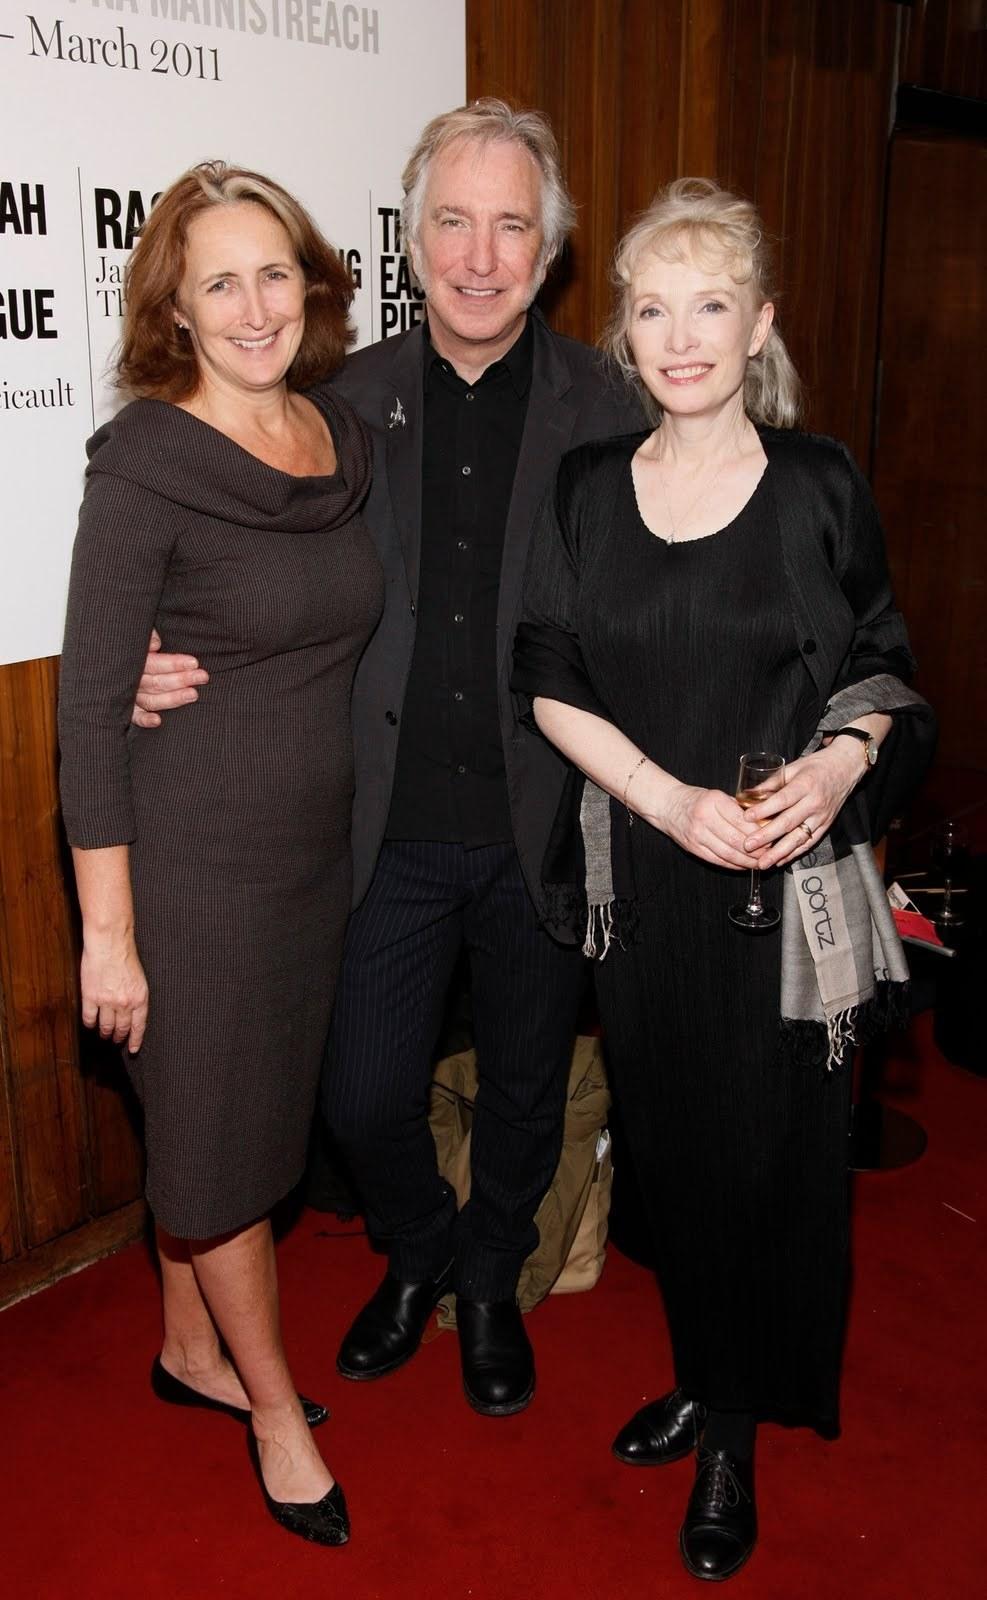 Fiona Shaw, Alan Rickman & Lindsay Duncan - John Gabriel Borkman - Oct. 2010